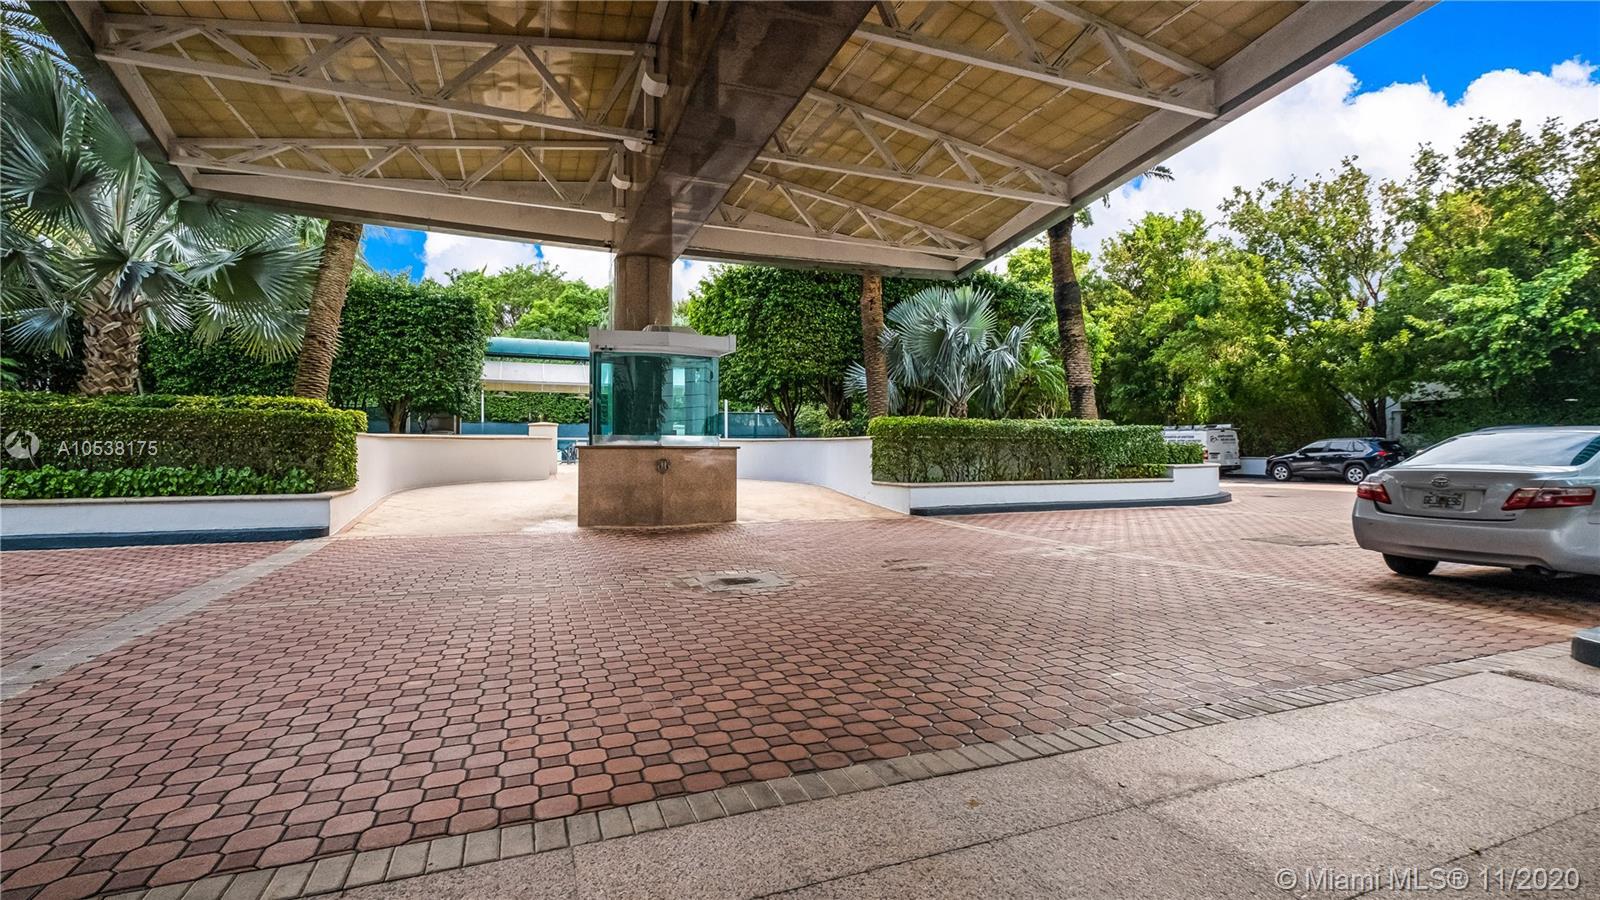 2127 Brickell Avenue, Miami, FL 33129, Bristol Tower Condominium #3302, Brickell, Miami A10538175 image #9